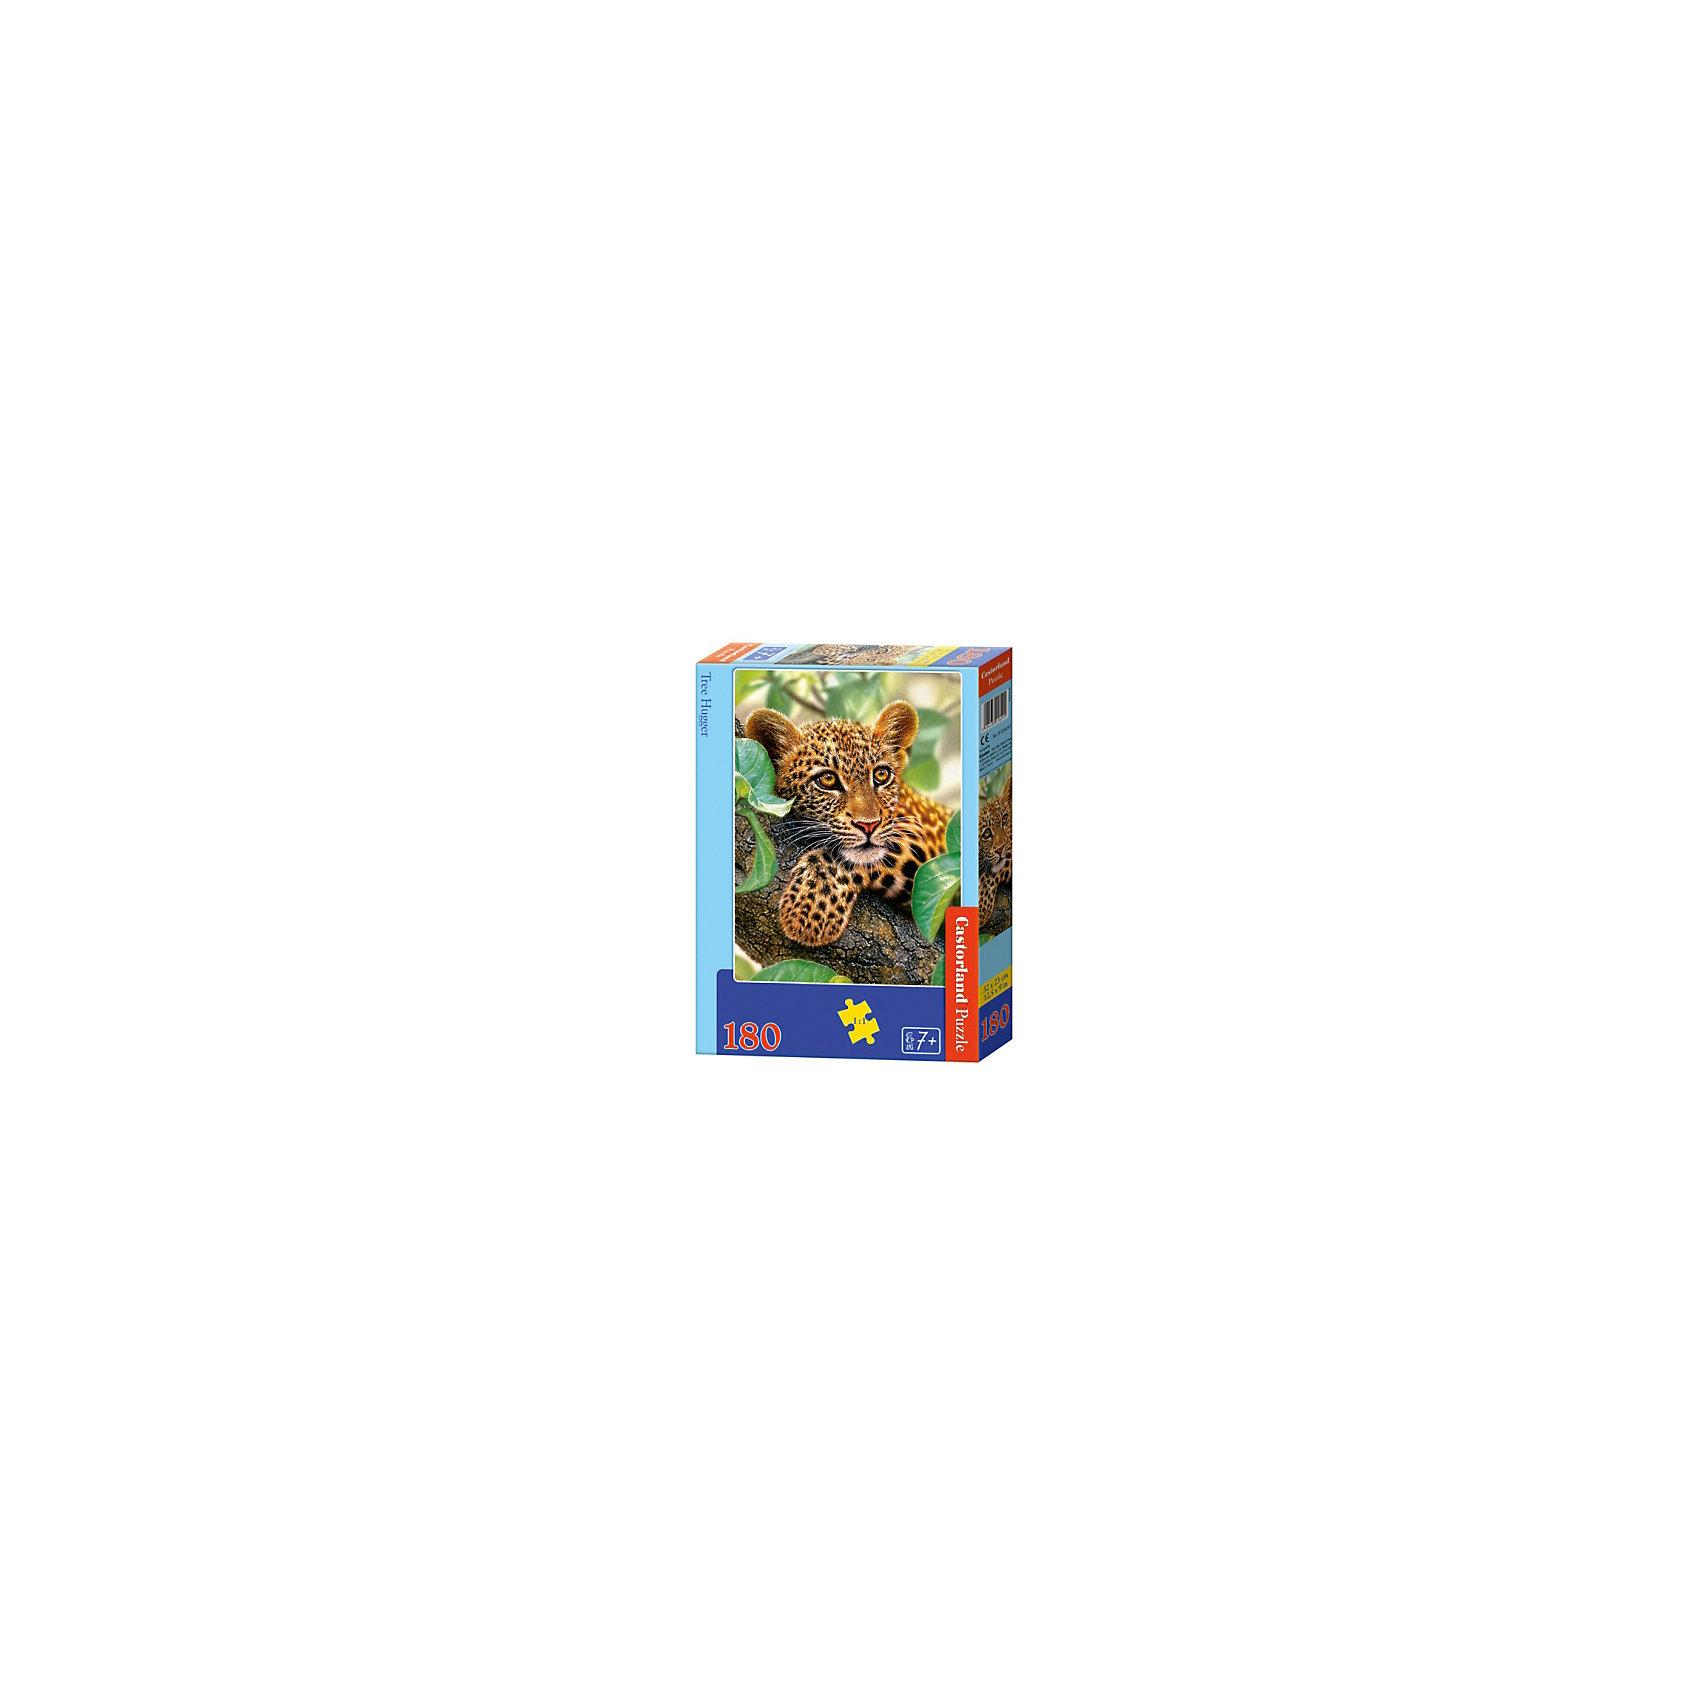 Пазл Castorland Ягуар на дереве, 180 деталейКлассические пазлы<br>Характеристики:<br><br>• возраст: от 7 лет<br>• количество деталей: 180 шт.<br>• размер собранного пазла: 23х32 см.<br>• материал: картон<br>• упаковка: картонная коробка<br>• размер упаковки: 17,5x3,7x24,5 см.<br>• вес: 300 гр.<br>• страна обладатель бренда: Польша<br><br>Пазл «Ягуар на дереве» от Castorland (Касторленд) отличается высоким качеством, высоким уровнем полиграфии, насыщенными цветами и идеальной стыковкой элементов. Из 180 элементов пазла ребенок соберет красочную картину с изображением ягуара, притаившегося на дереве.<br><br>Пазл Ягуар на дереве, 180 деталей, Castorland (Касторленд) можно купить в нашем интернет-магазине.<br><br>Ширина мм: 245<br>Глубина мм: 175<br>Высота мм: 37<br>Вес г: 300<br>Возраст от месяцев: 84<br>Возраст до месяцев: 2147483647<br>Пол: Унисекс<br>Возраст: Детский<br>SKU: 6725091